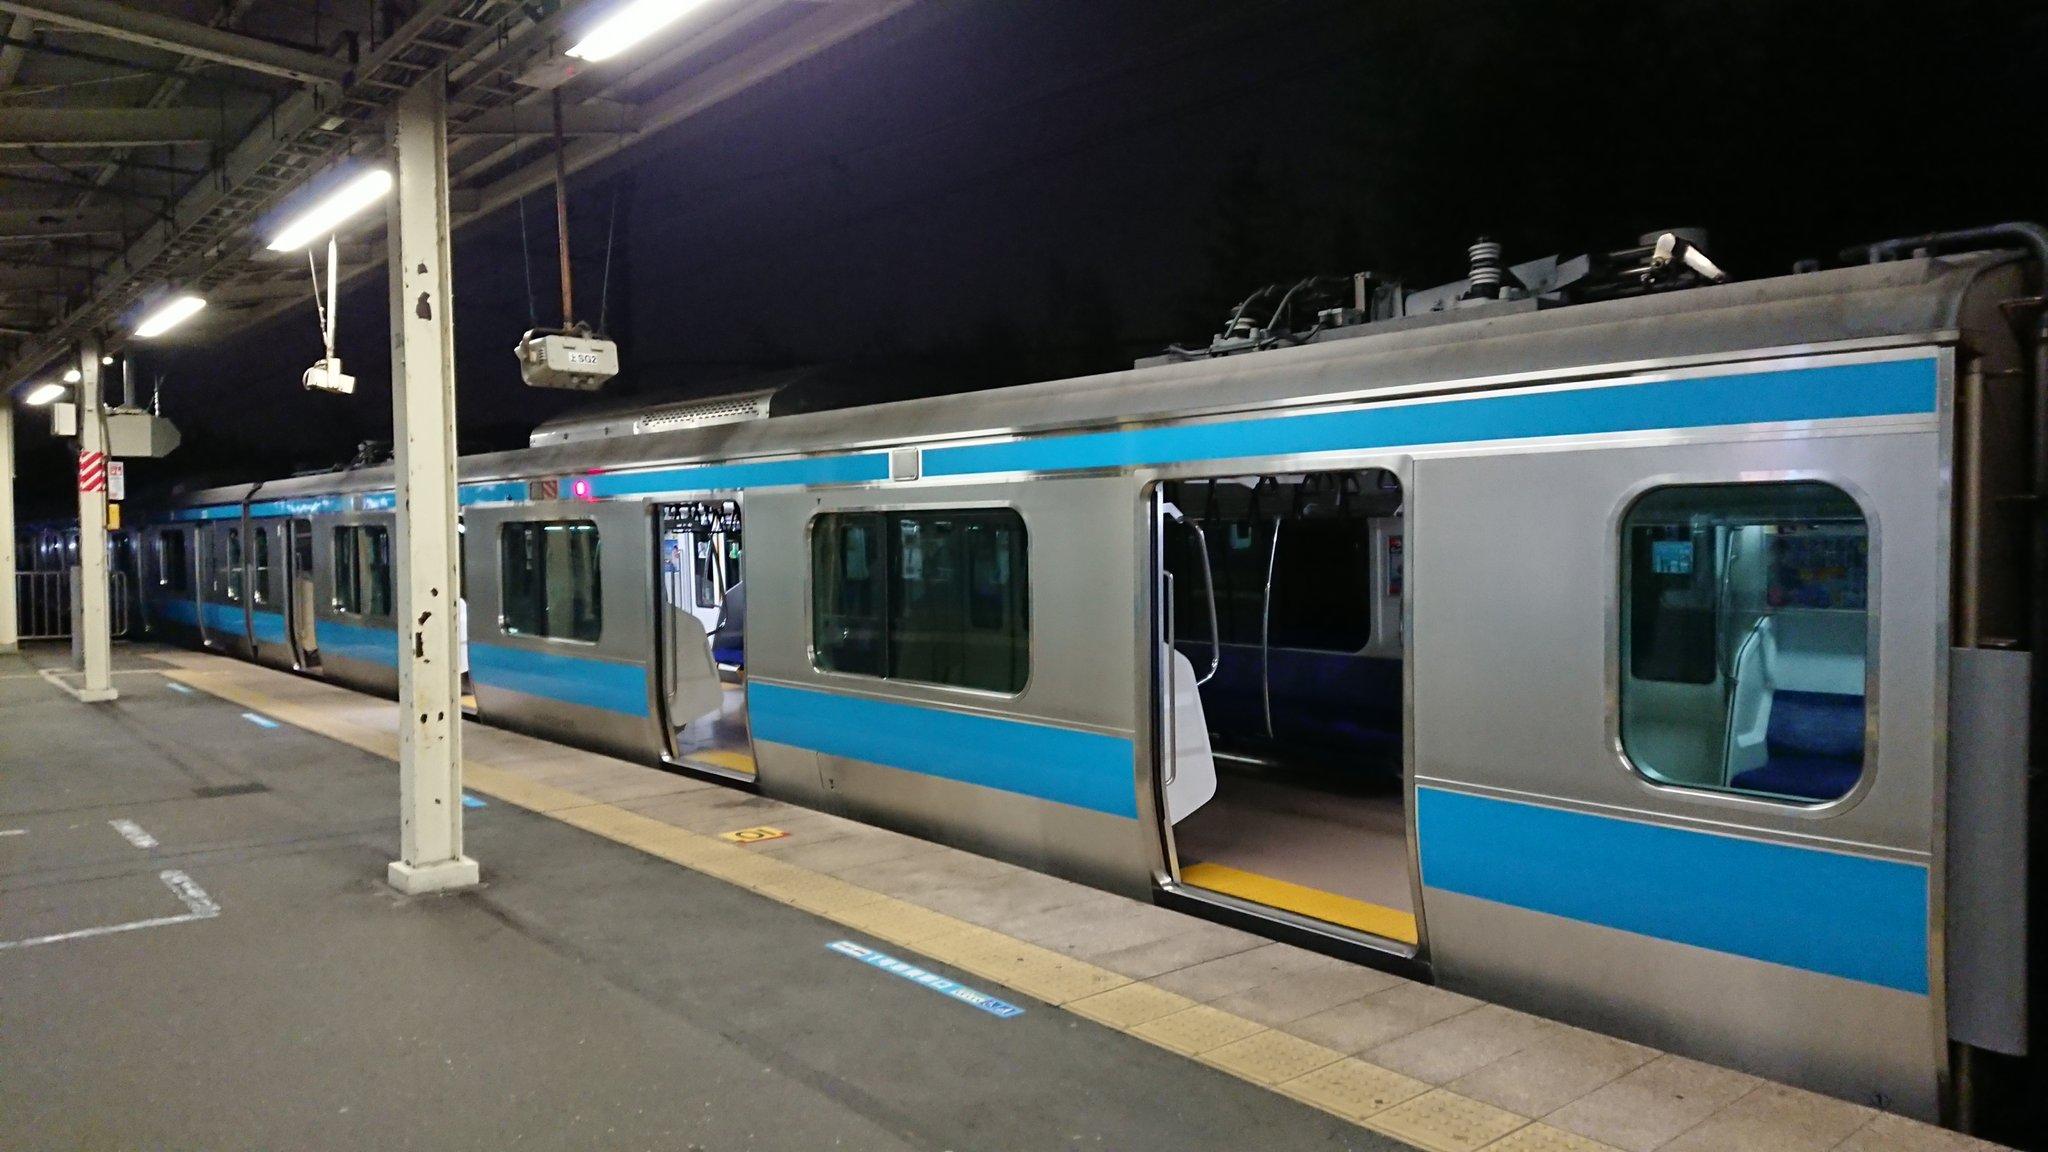 京浜東北根岸線の本郷台駅で人身事故の現場の画像